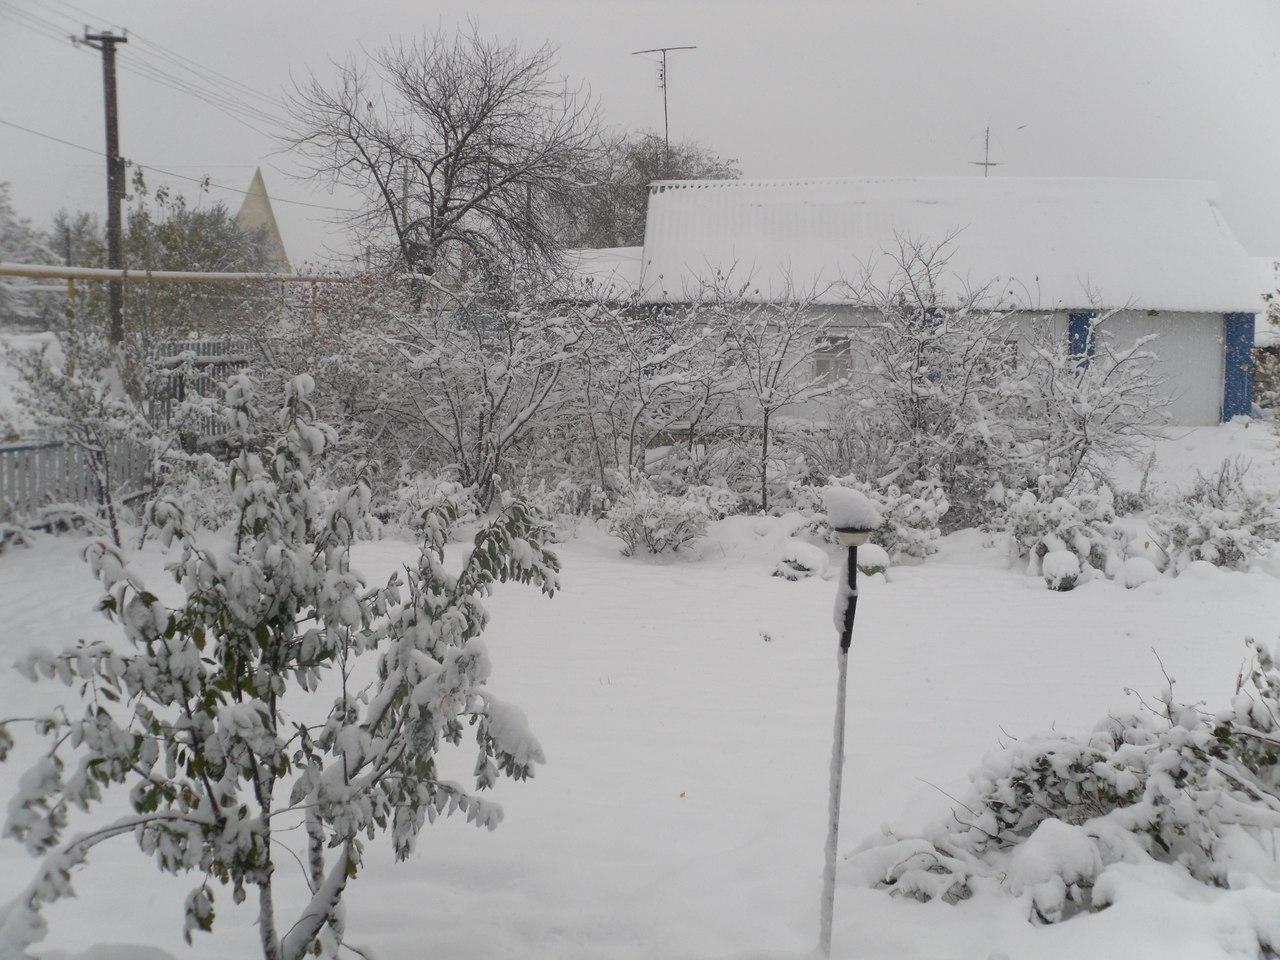 Зима в селе. Блиц: снежная зима